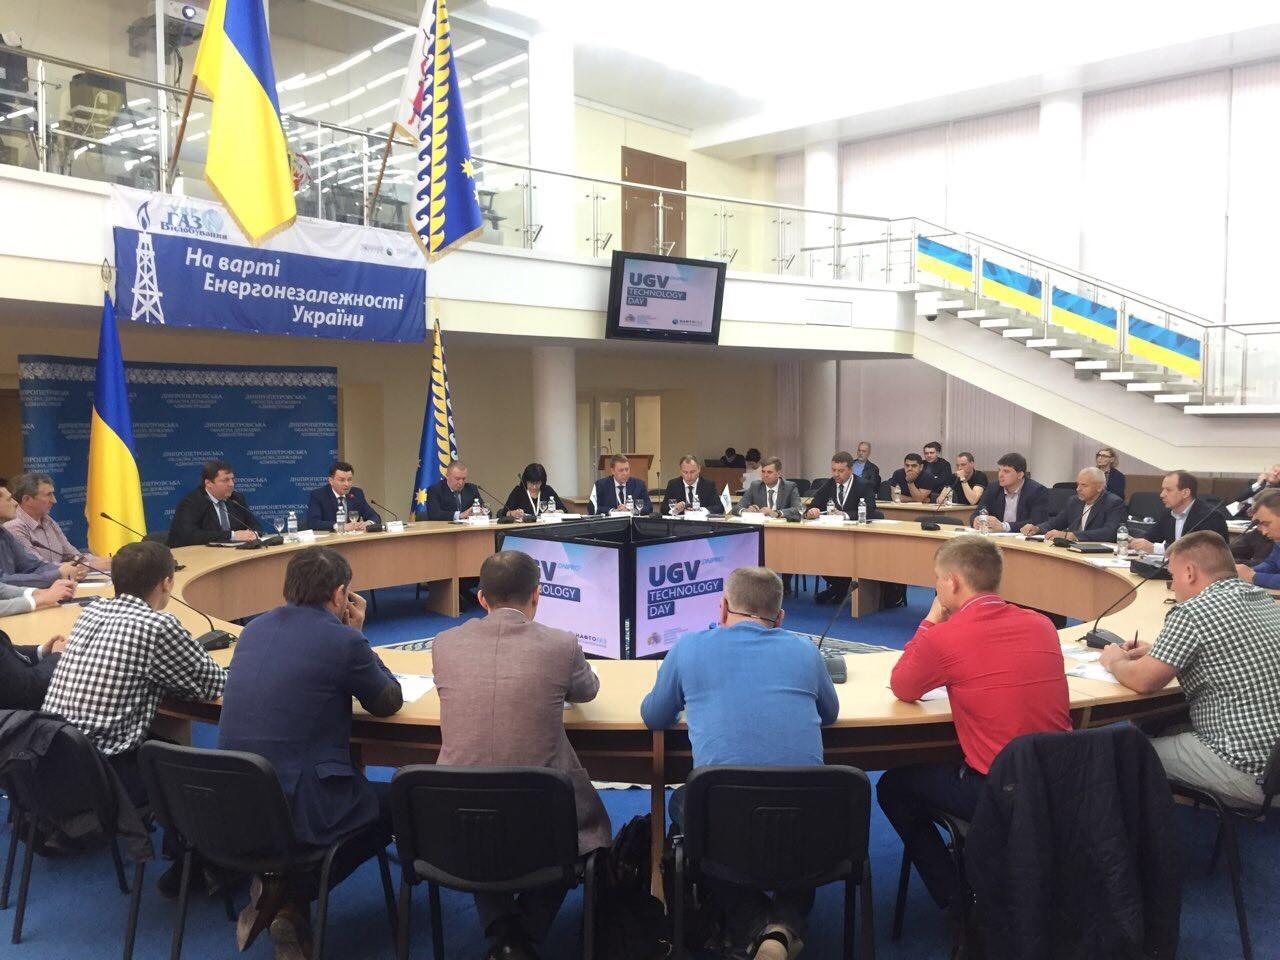 УГВ посилює ділові звязки з Дніпропетровщиною - ключовим промисловим регіоном України, де зосереджені численні потужні підприємства важкої промисловості